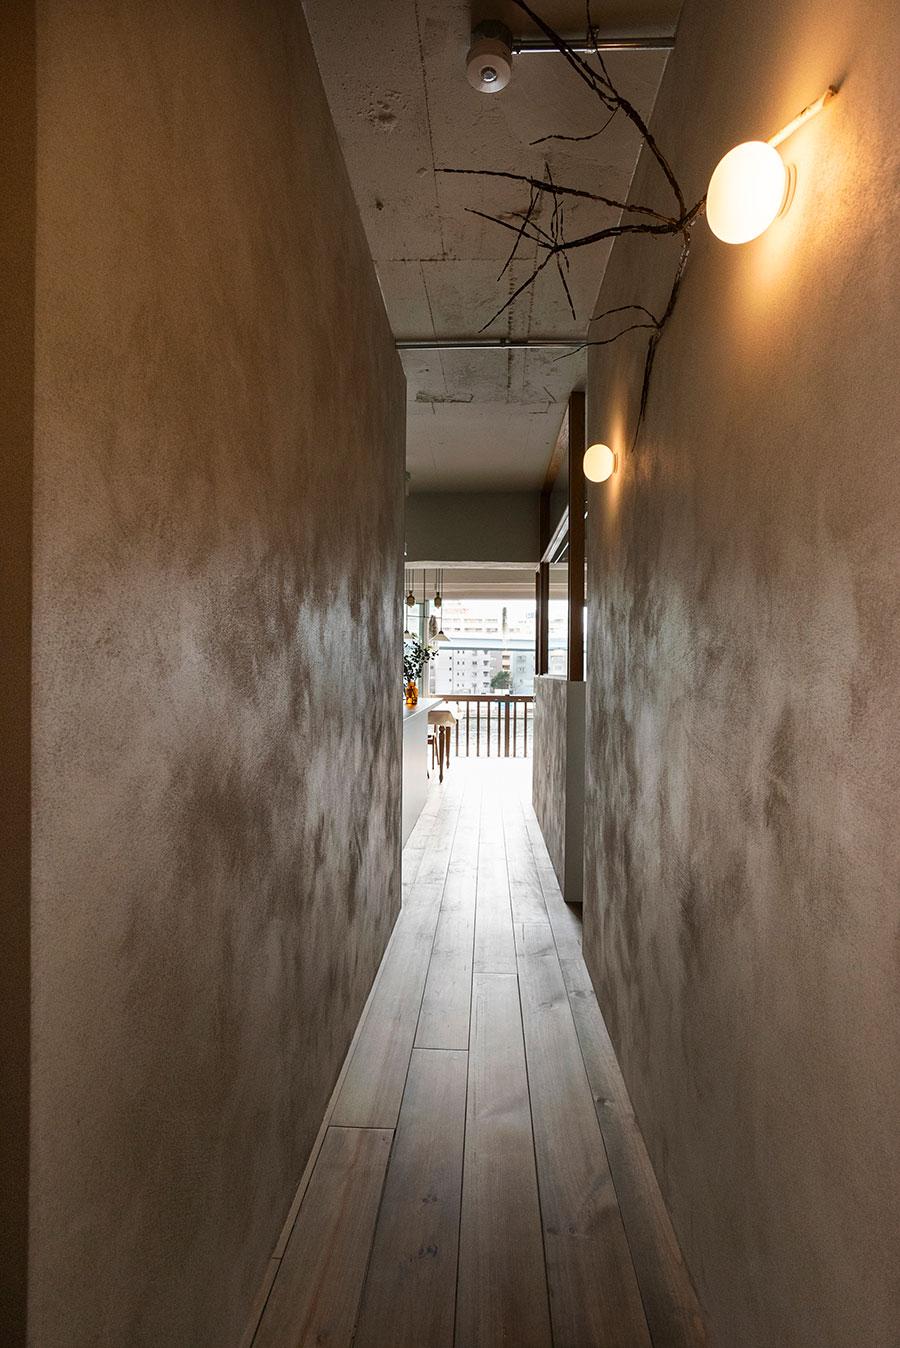 ポーターズペイントを塗った壁に挟まれた廊下が、リビングへと導く。